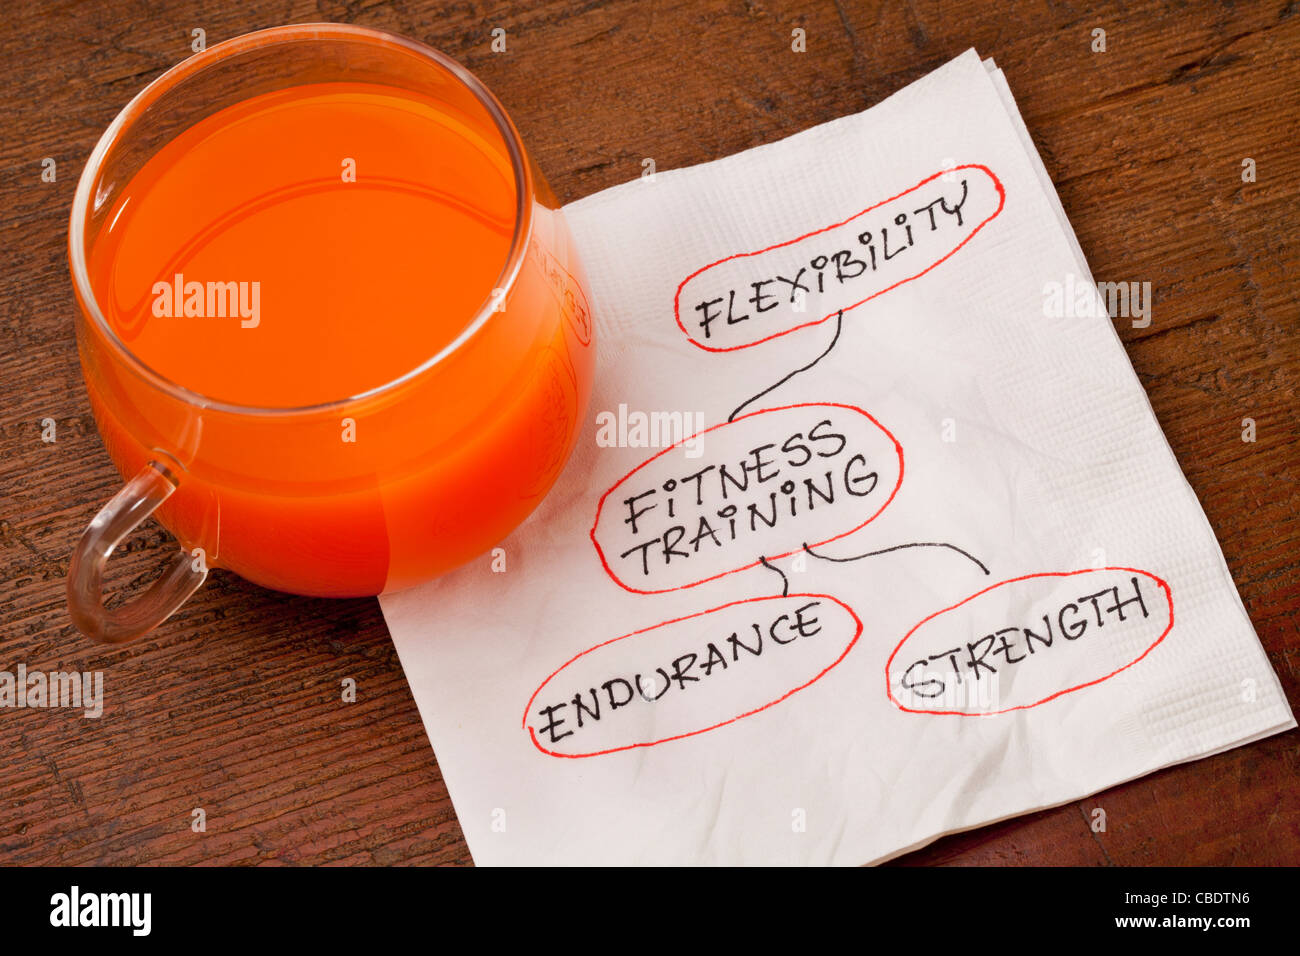 Concepto de salud - fitness - servilleta doodle con un vaso de jugo de zanahoria Imagen De Stock